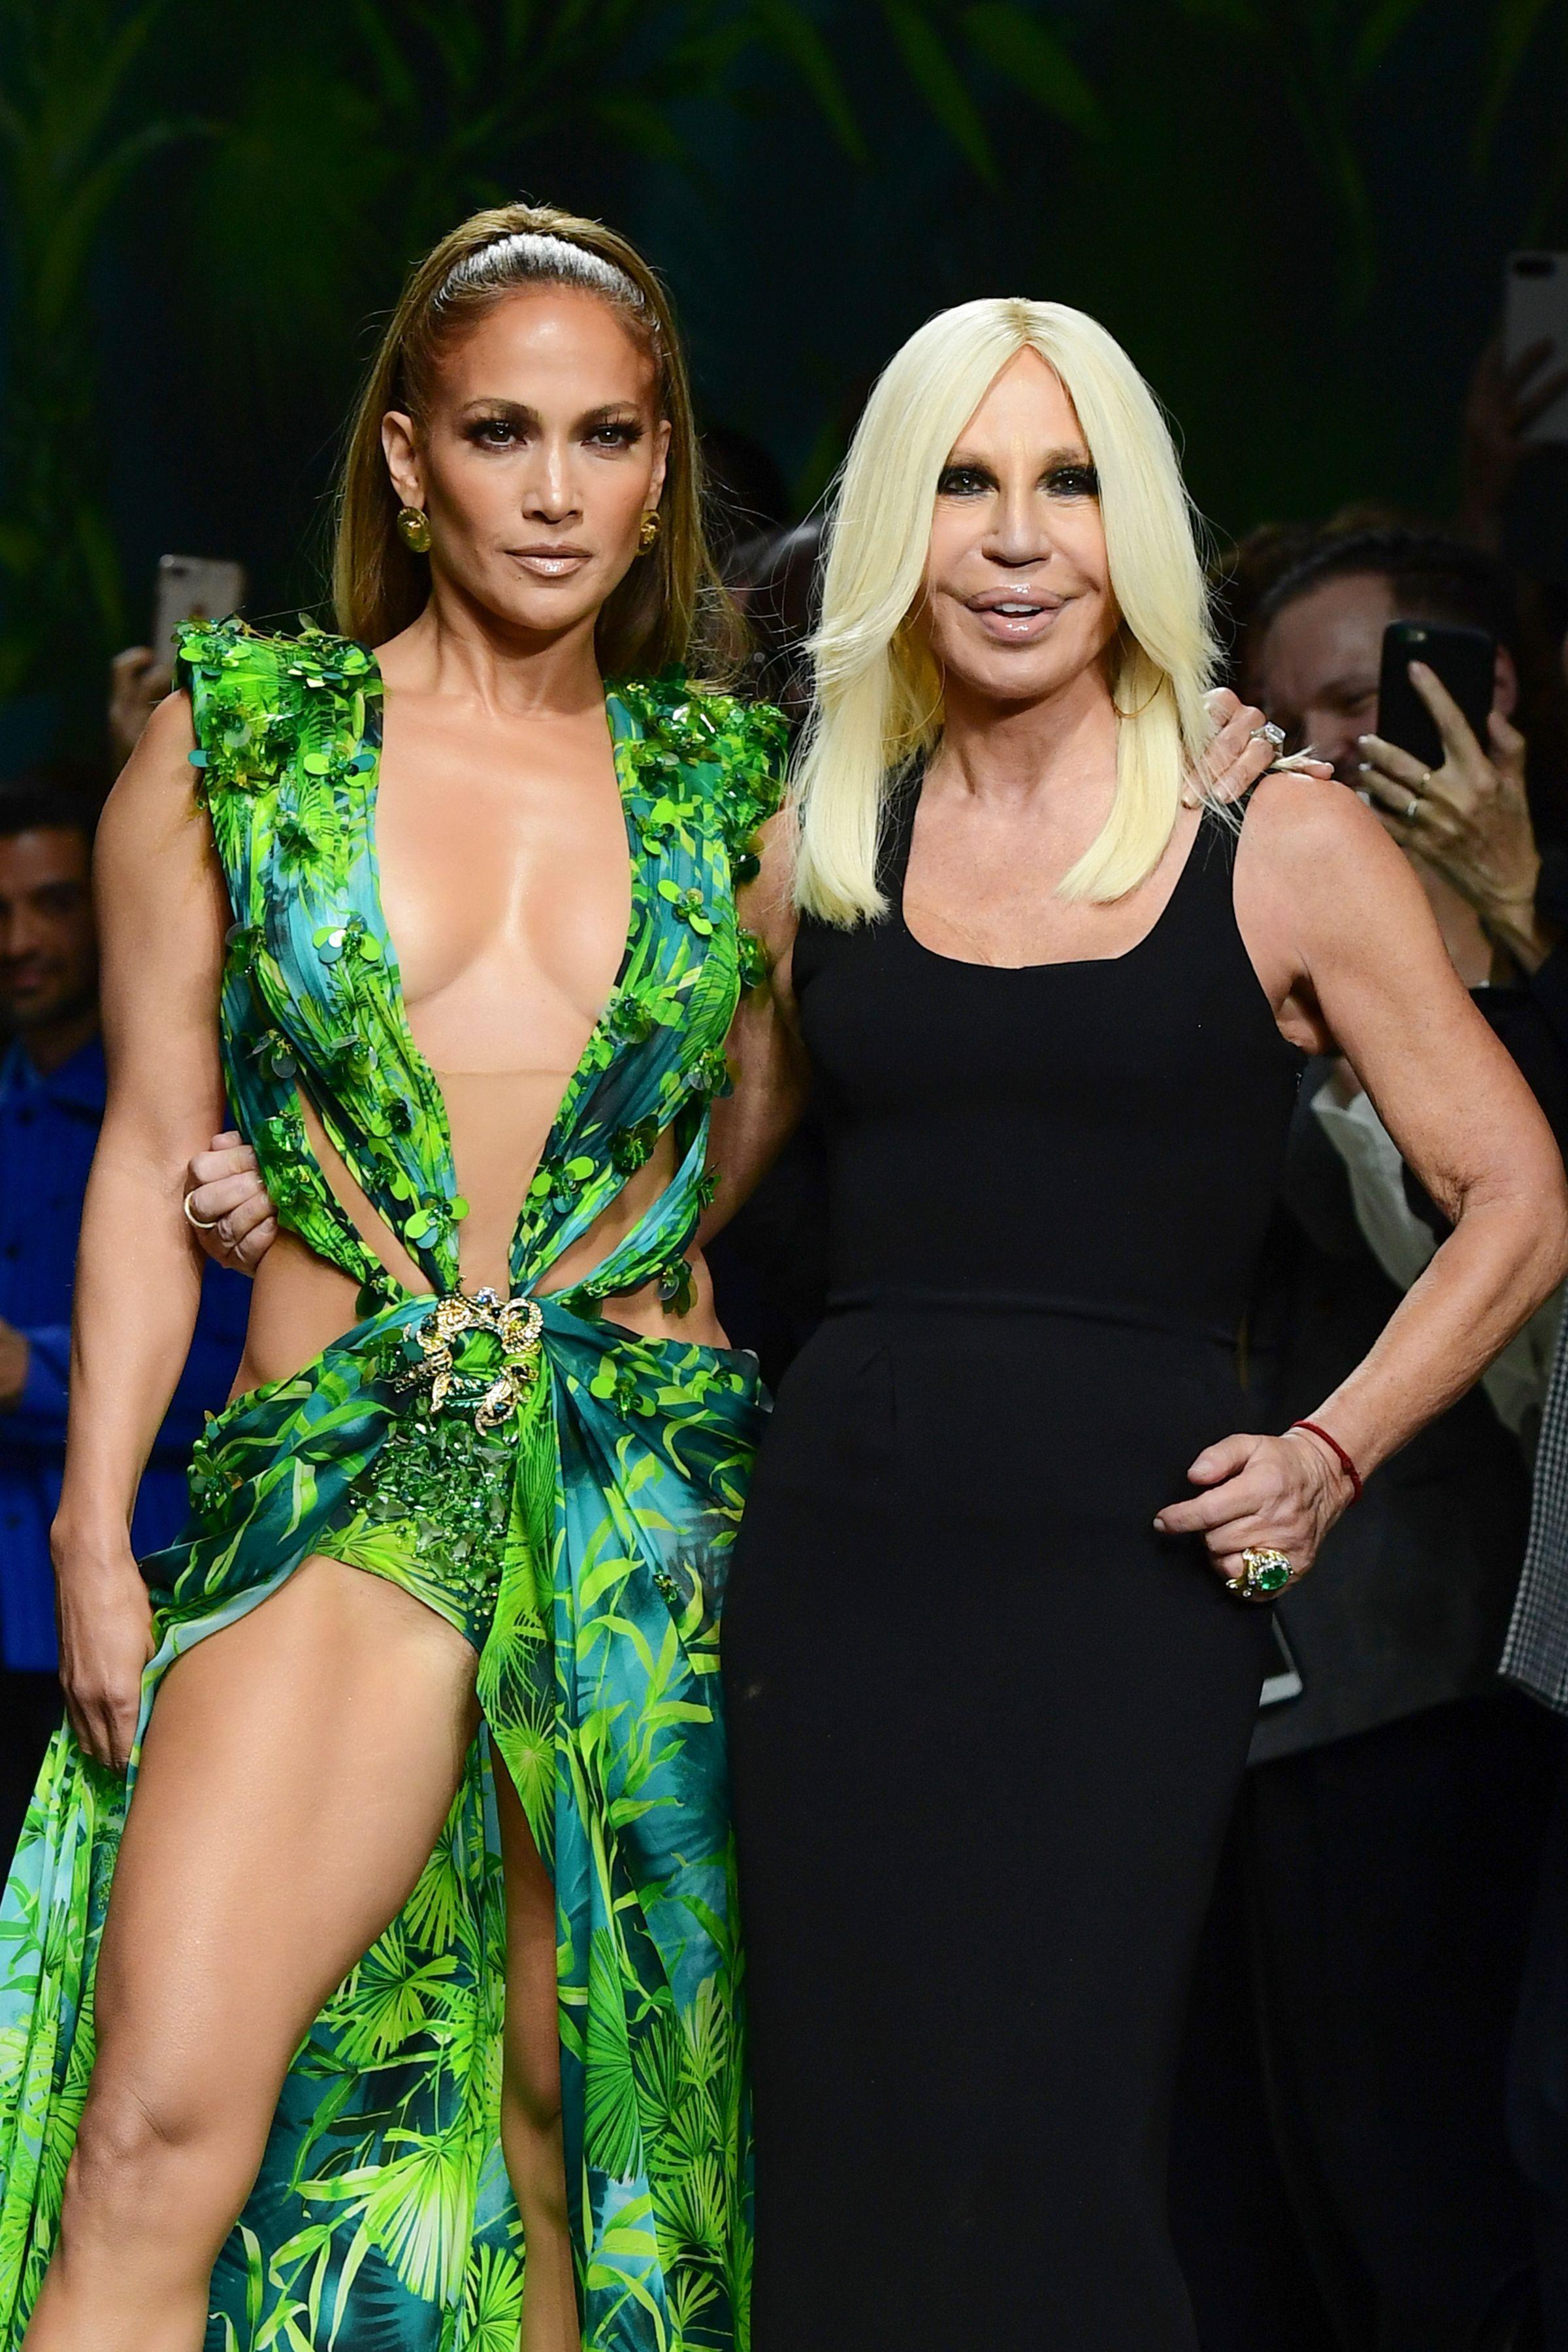 Jennifer Lopez Walks Milan Fashion Week in Her Famous Green